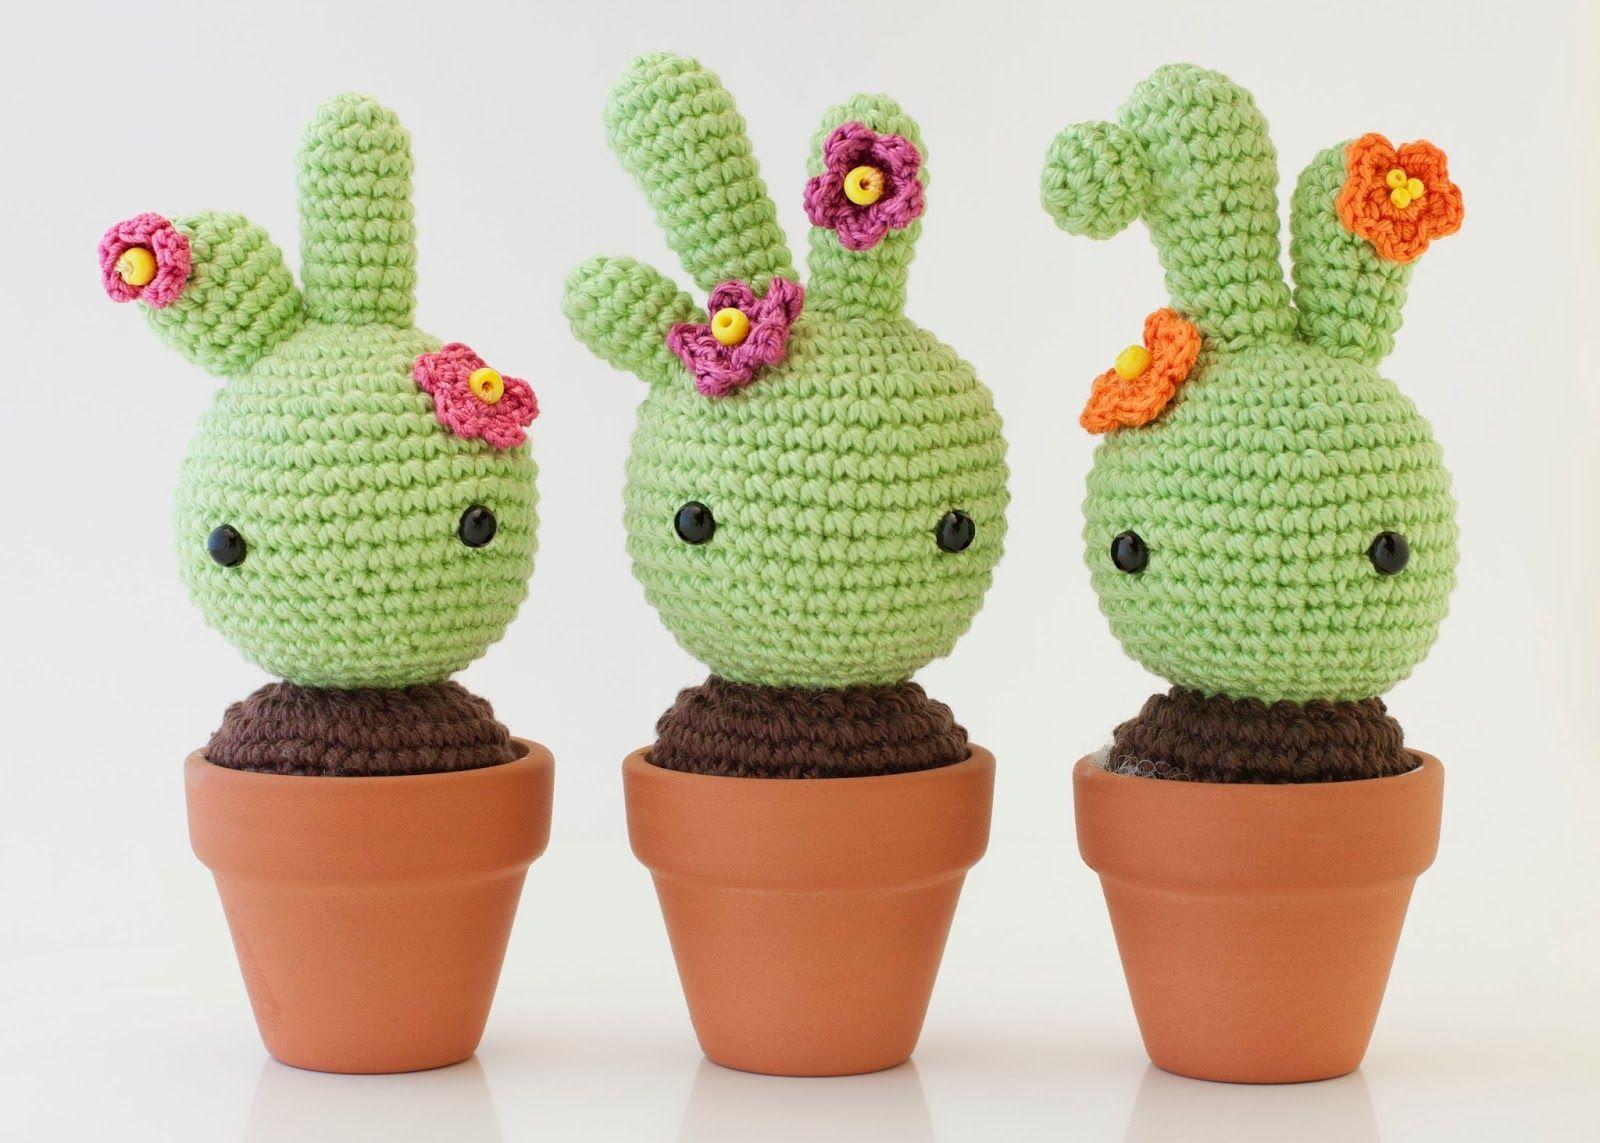 Amigurumi Cactus Tejido A Crochet Regalo Original : Amigurumi cactus crafty crochet patrones